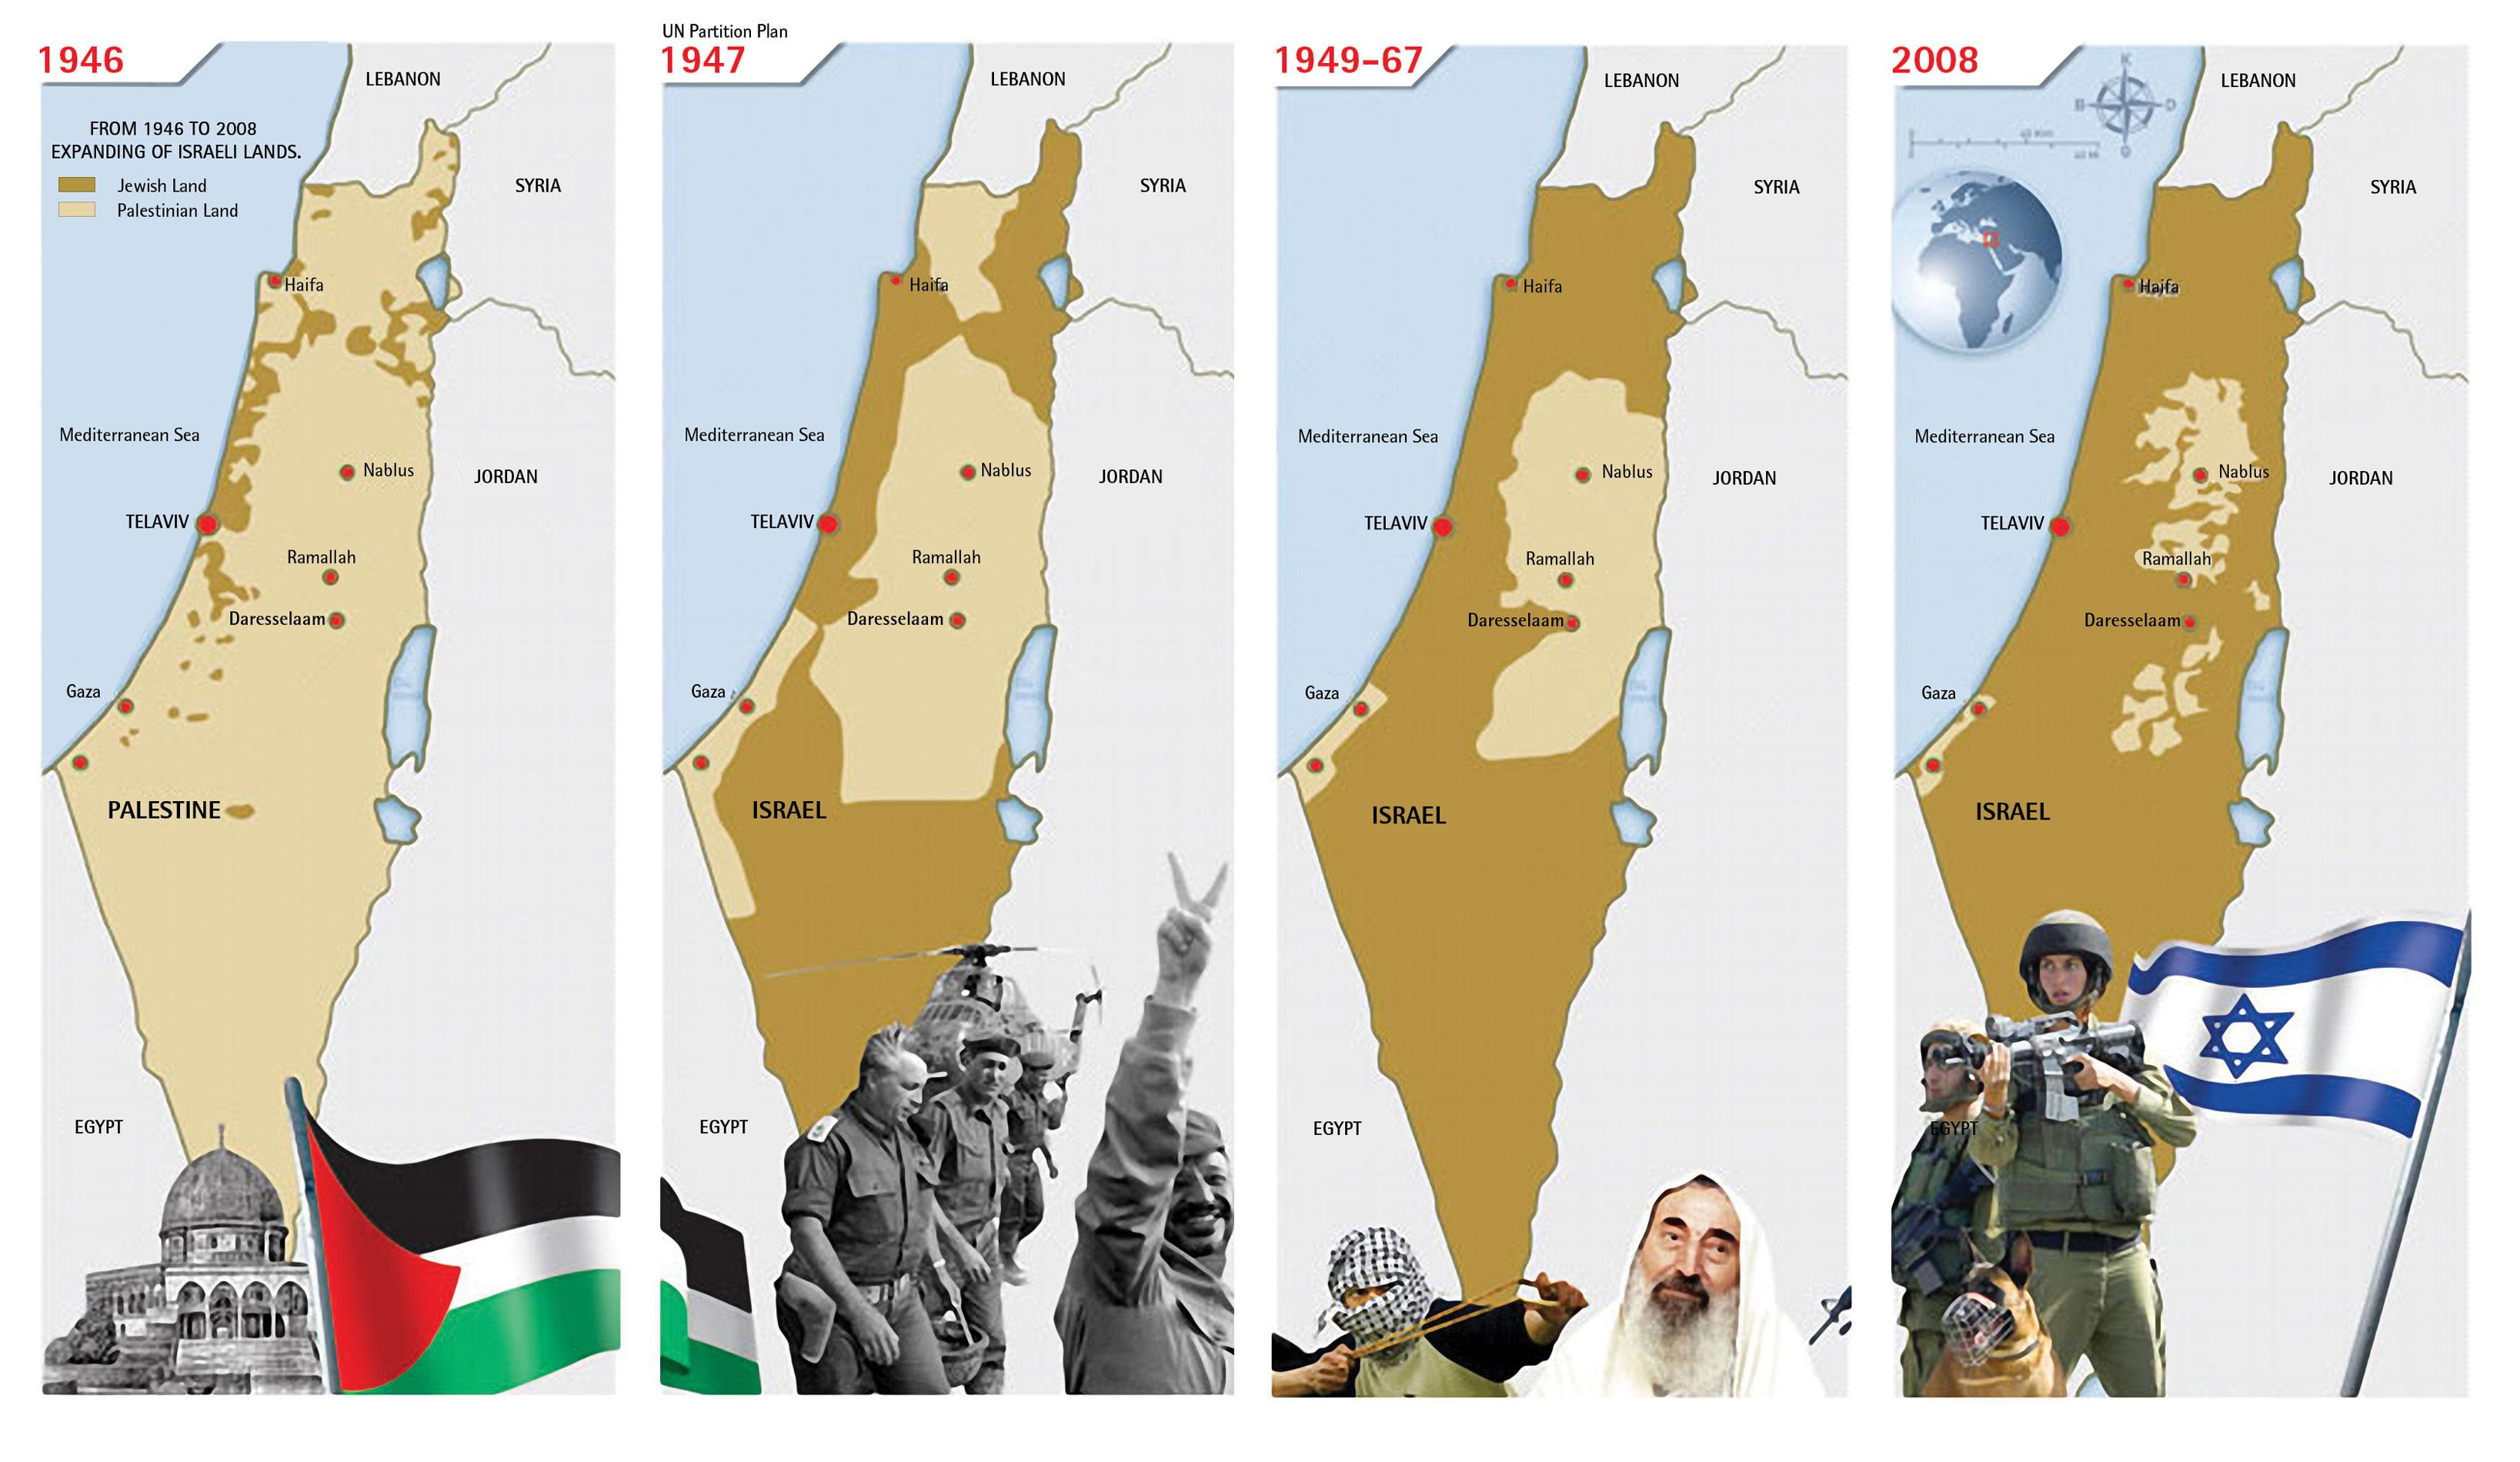 Joseph halevi israele palestina alle radici del - Pagine di ringraziamento e divertimento ...